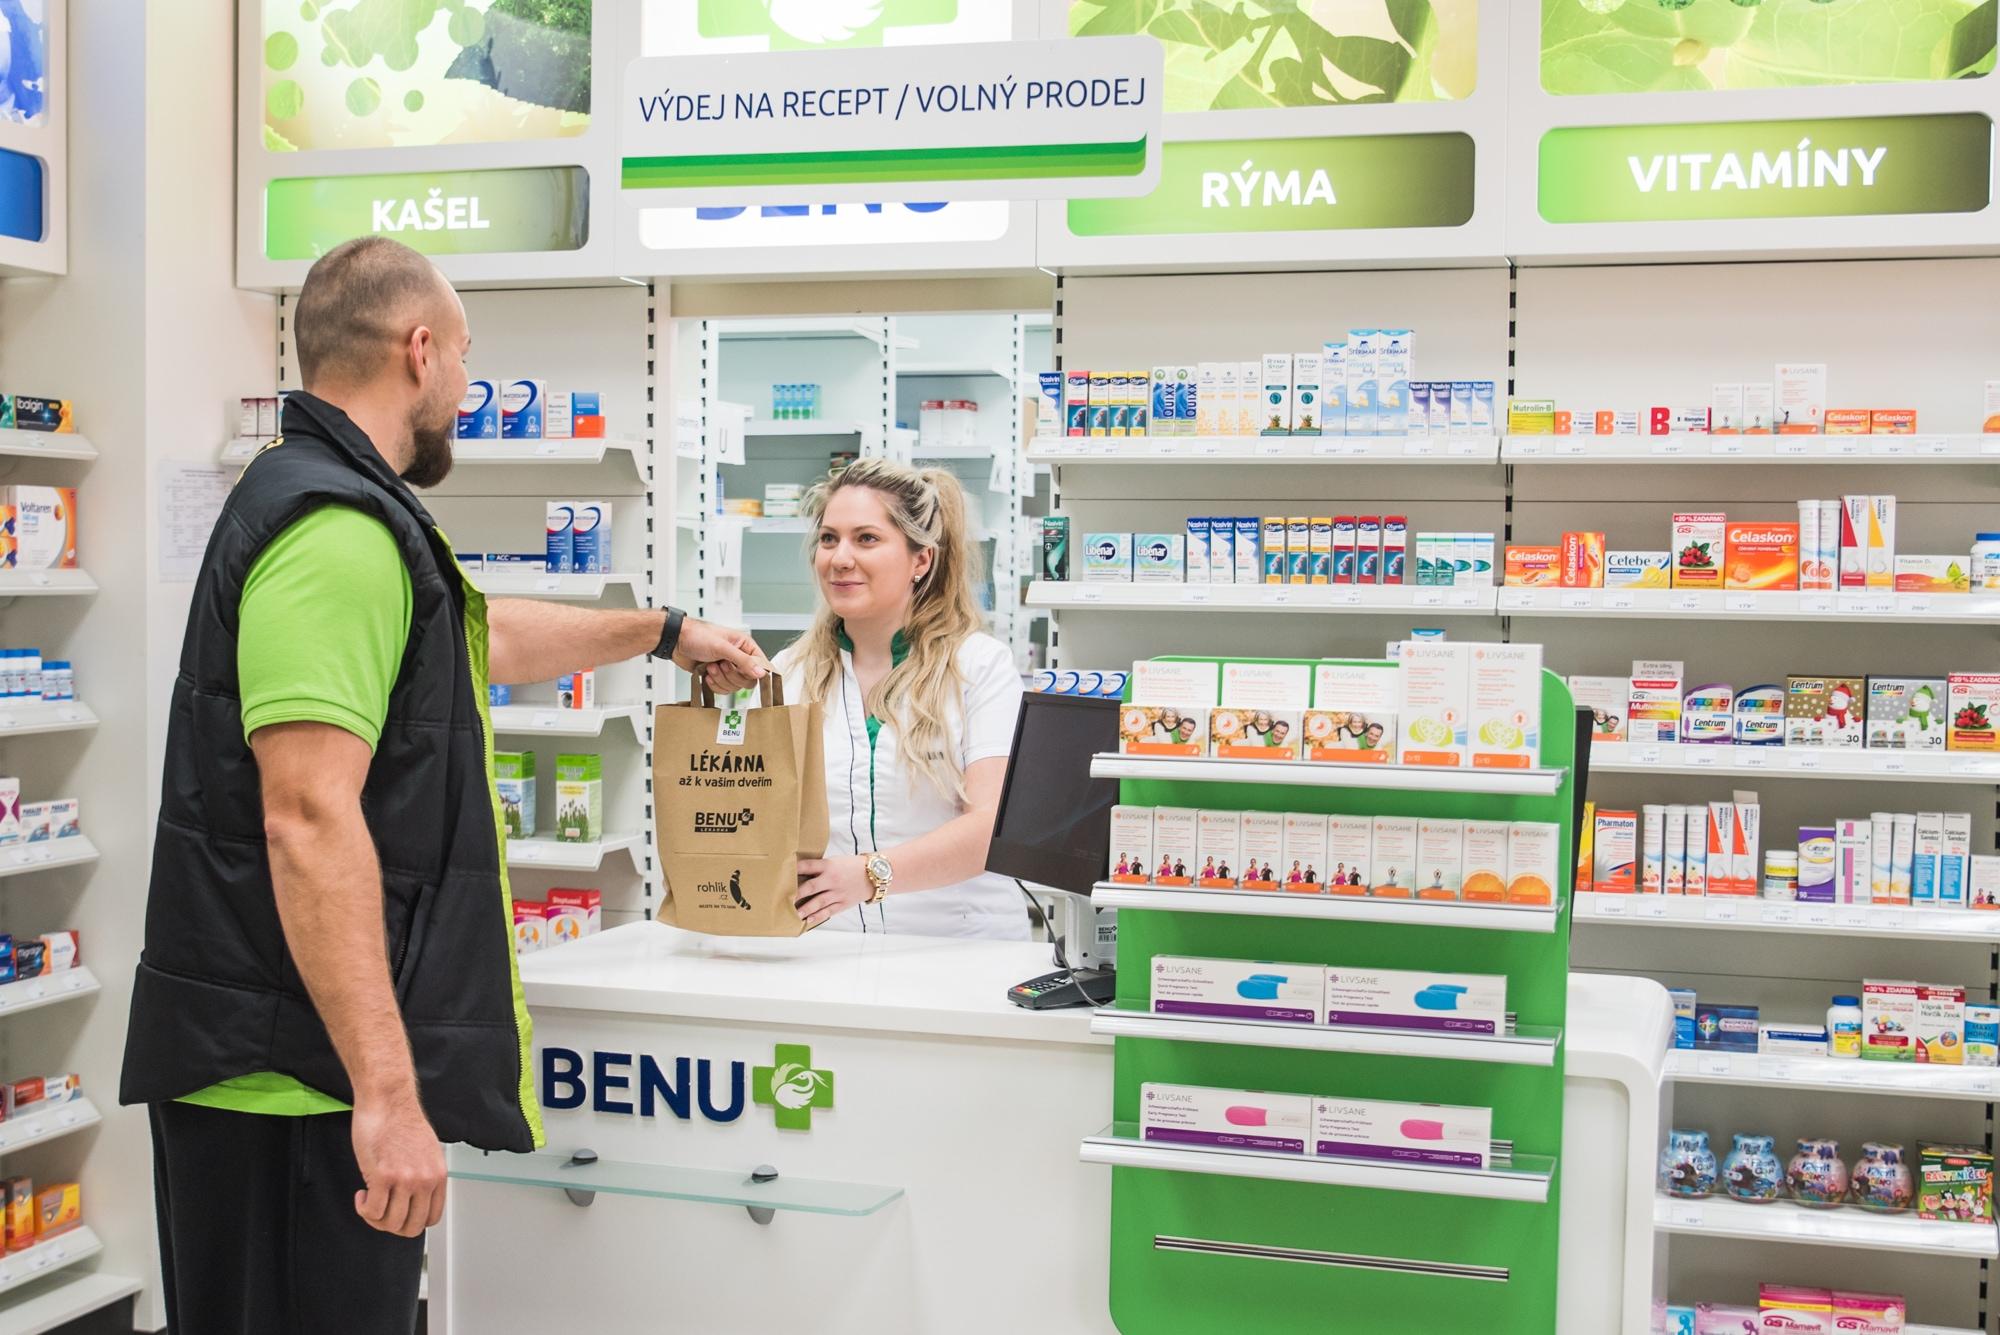 BENU postavilo svoji lékárnu hned vedle pražského skladu Rohlik.cz